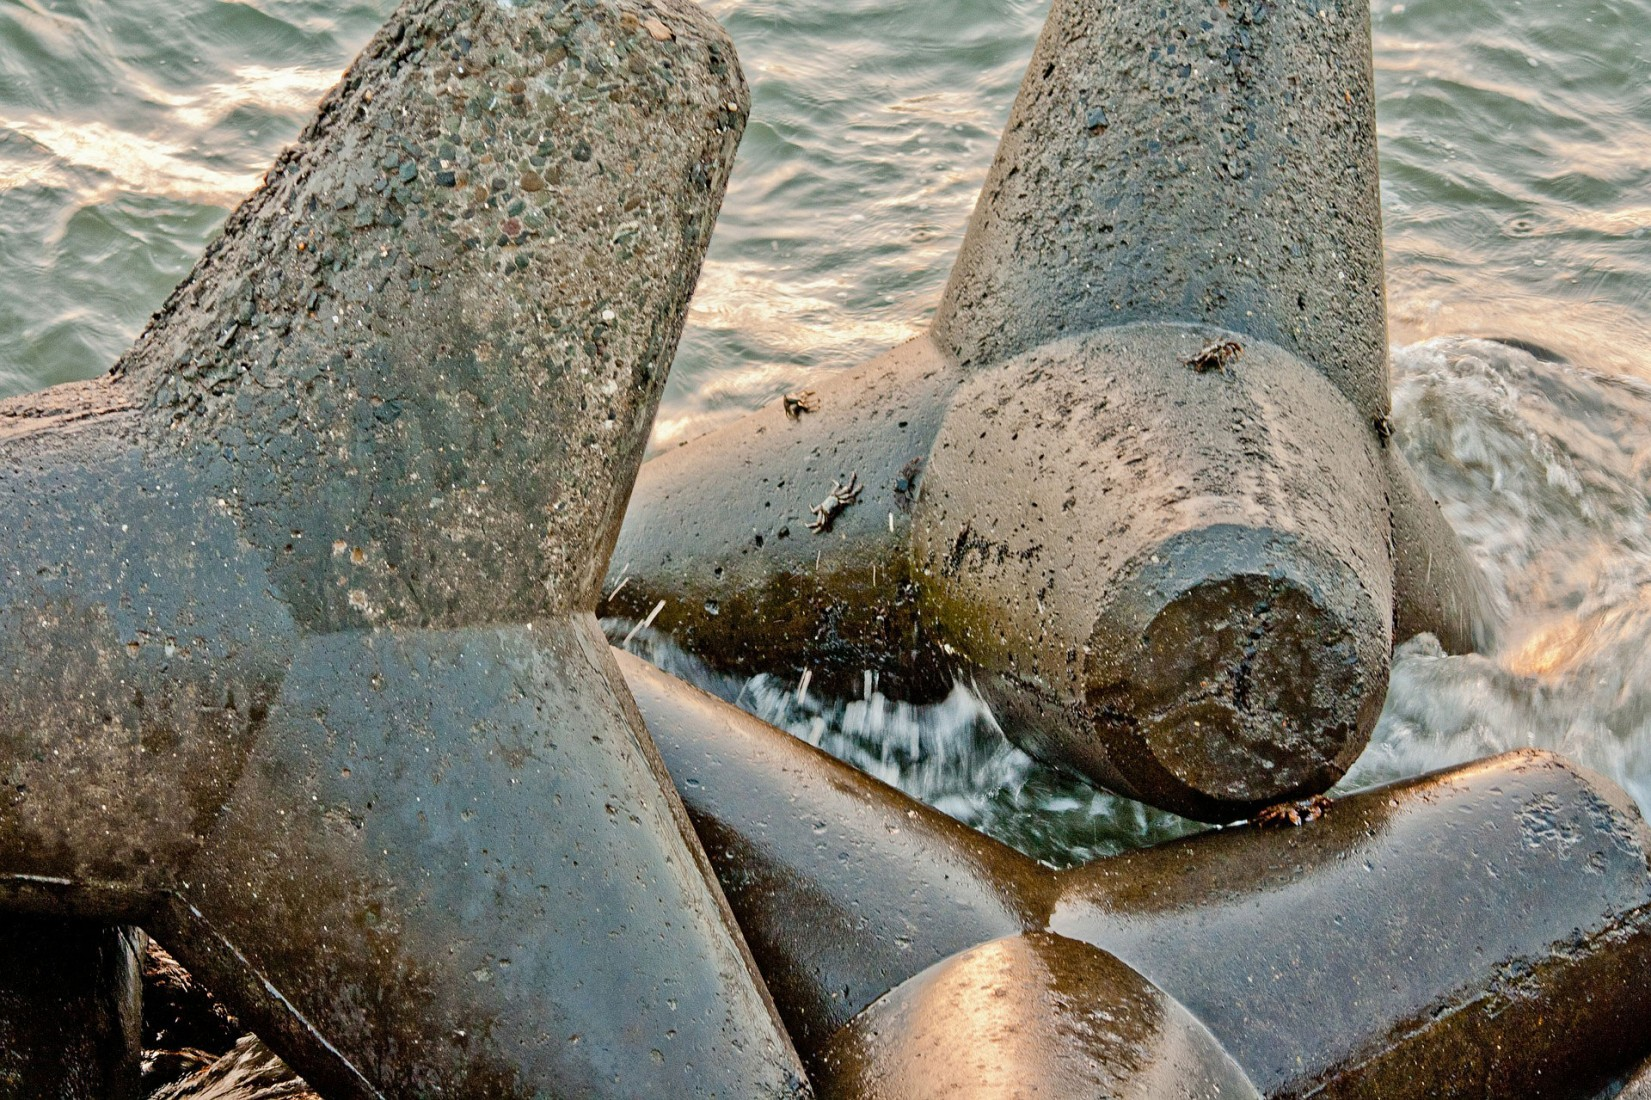 Kieselsäurehaltige Zuschläge und ständiger Wasserkontakt begünstigen die Alkalireaktion.